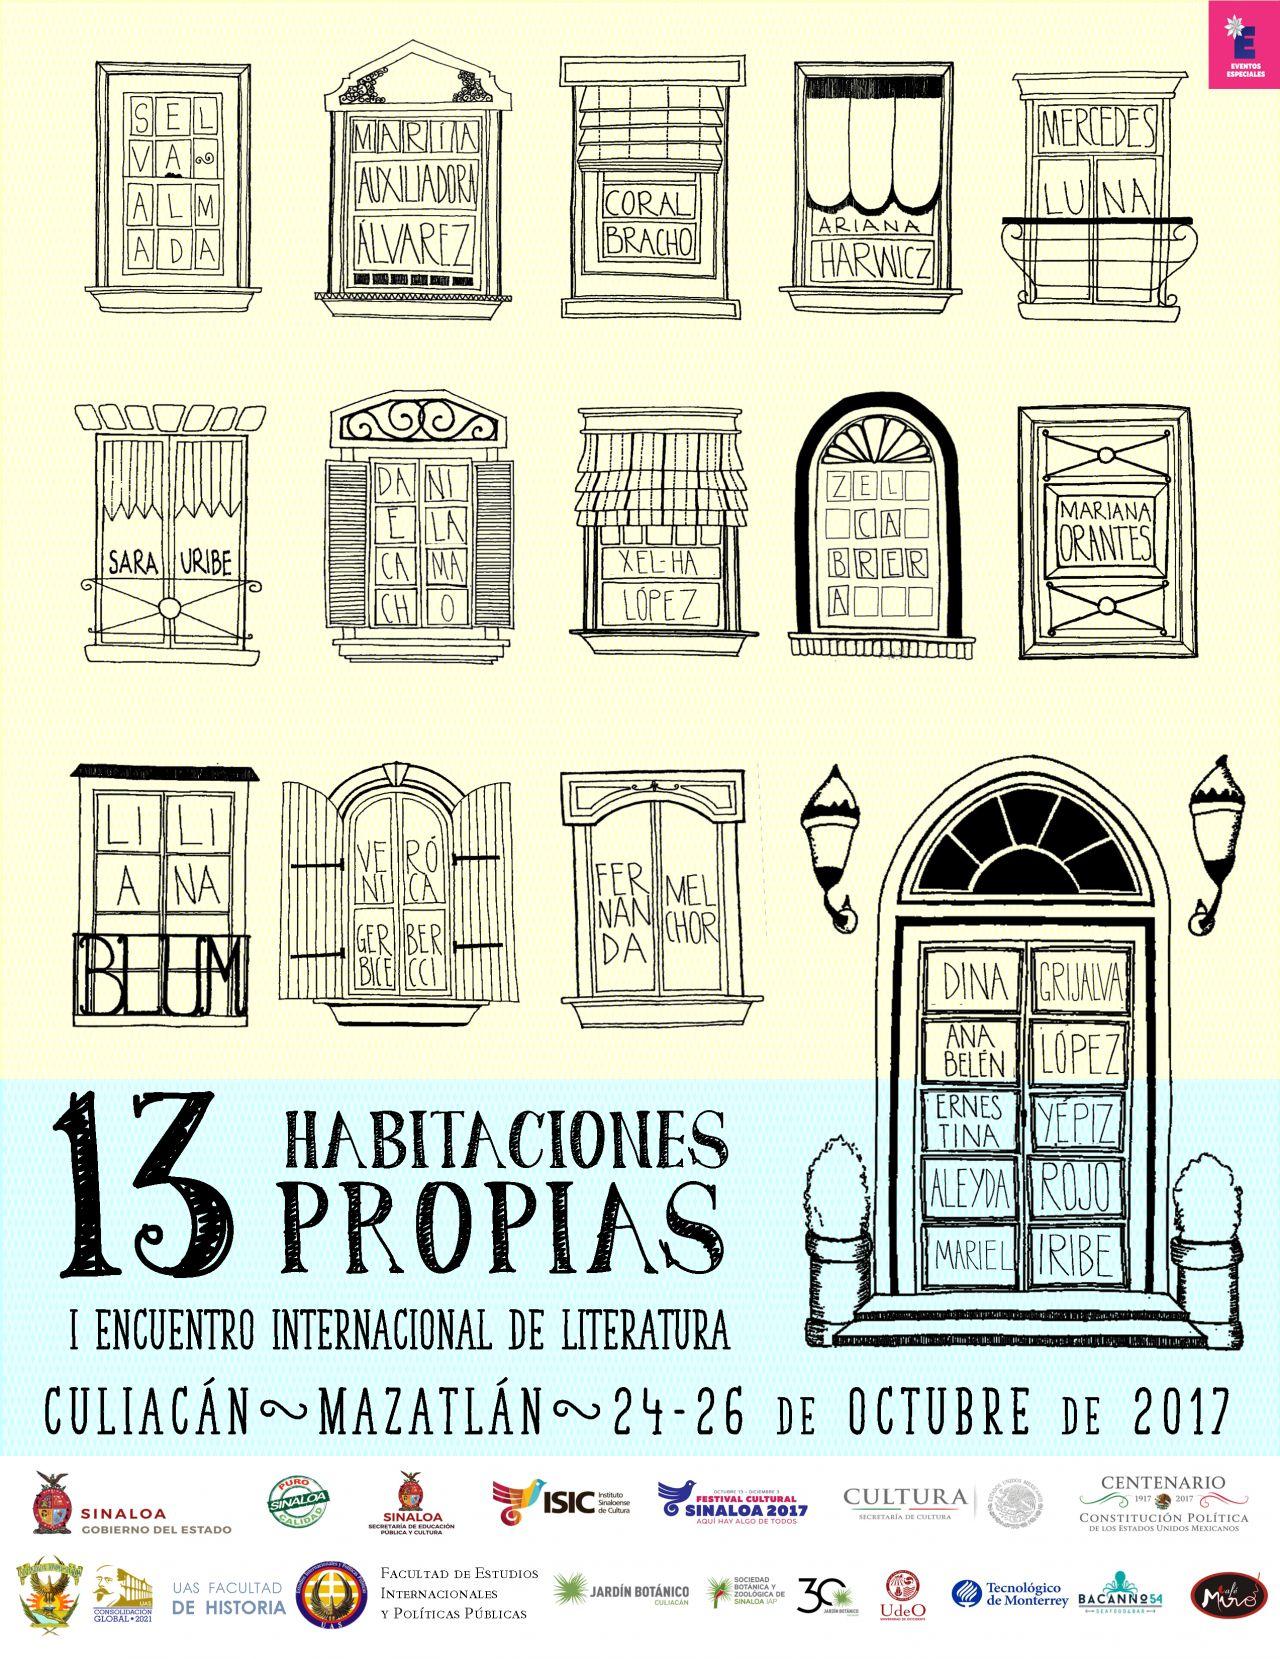 13 HABITACIONES PROPIAS primer encuentro internacional de literatura.